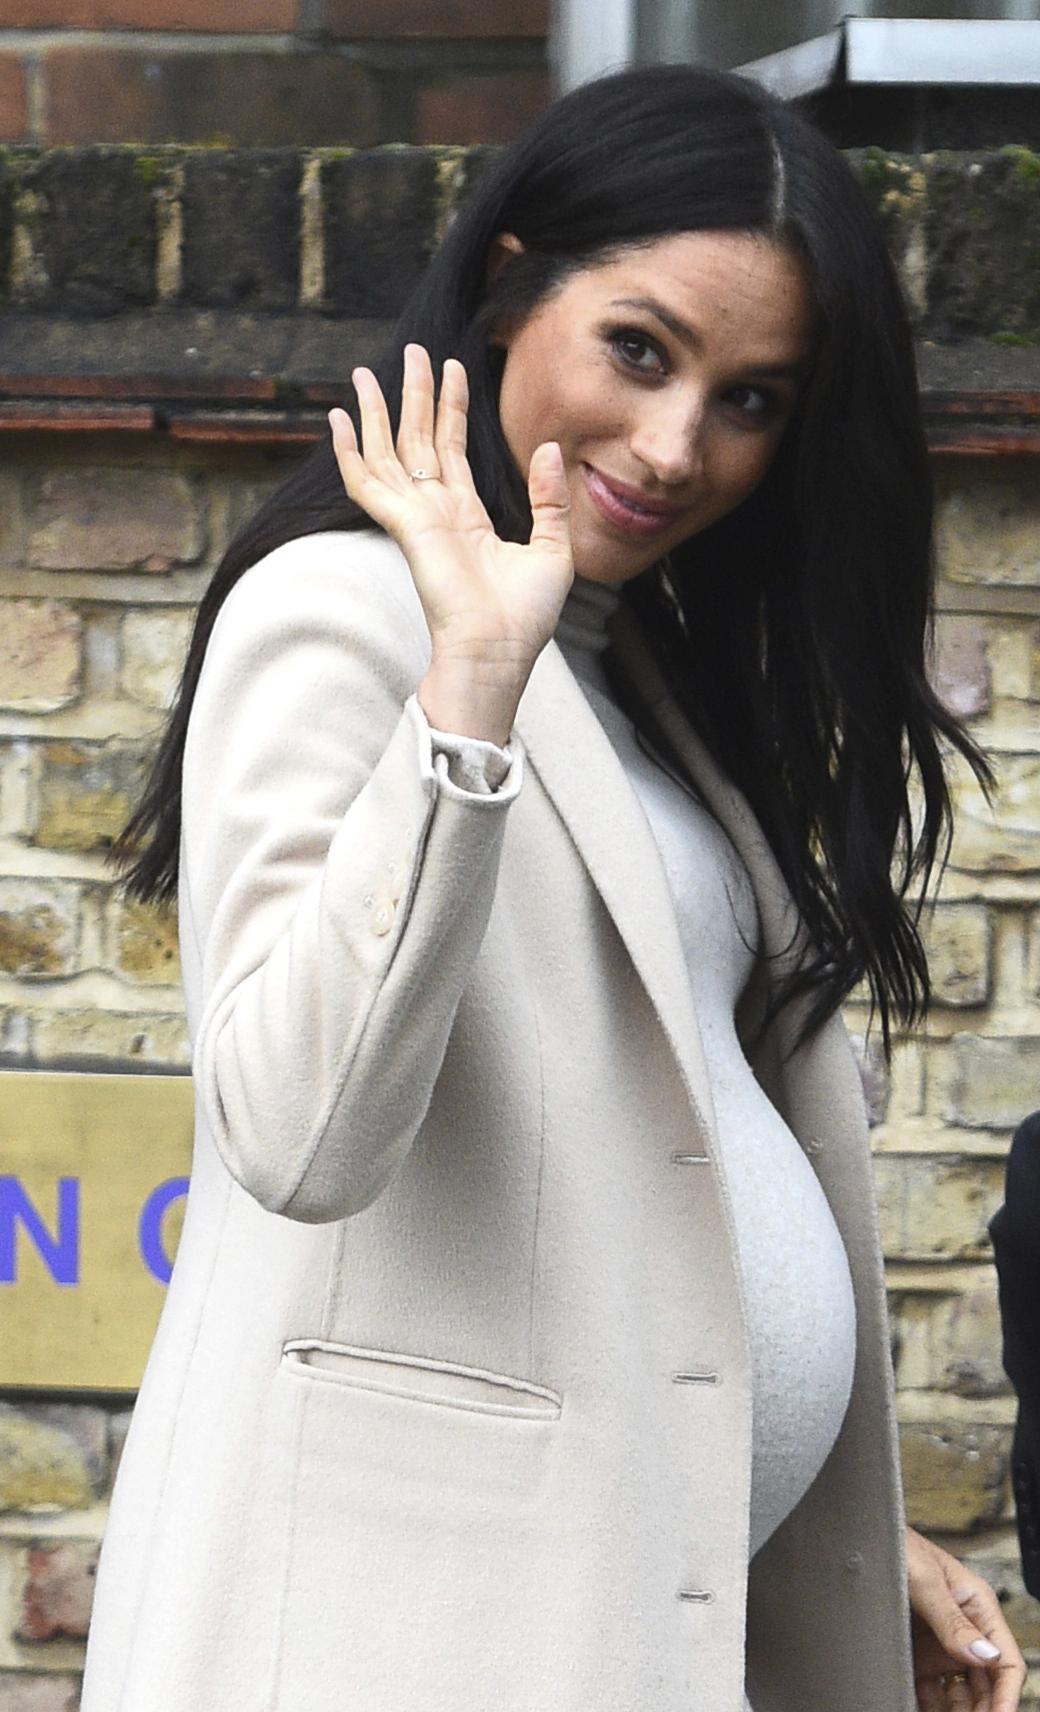 Luego de que Doria Raglan, madre de Meghan, se mudara a Londres y surgieran varios rumores de un posible embarazo, el 15 de octubre de 2018 se anunció que los duques de Sussex esperaban a su primer hijo. (Archivo)